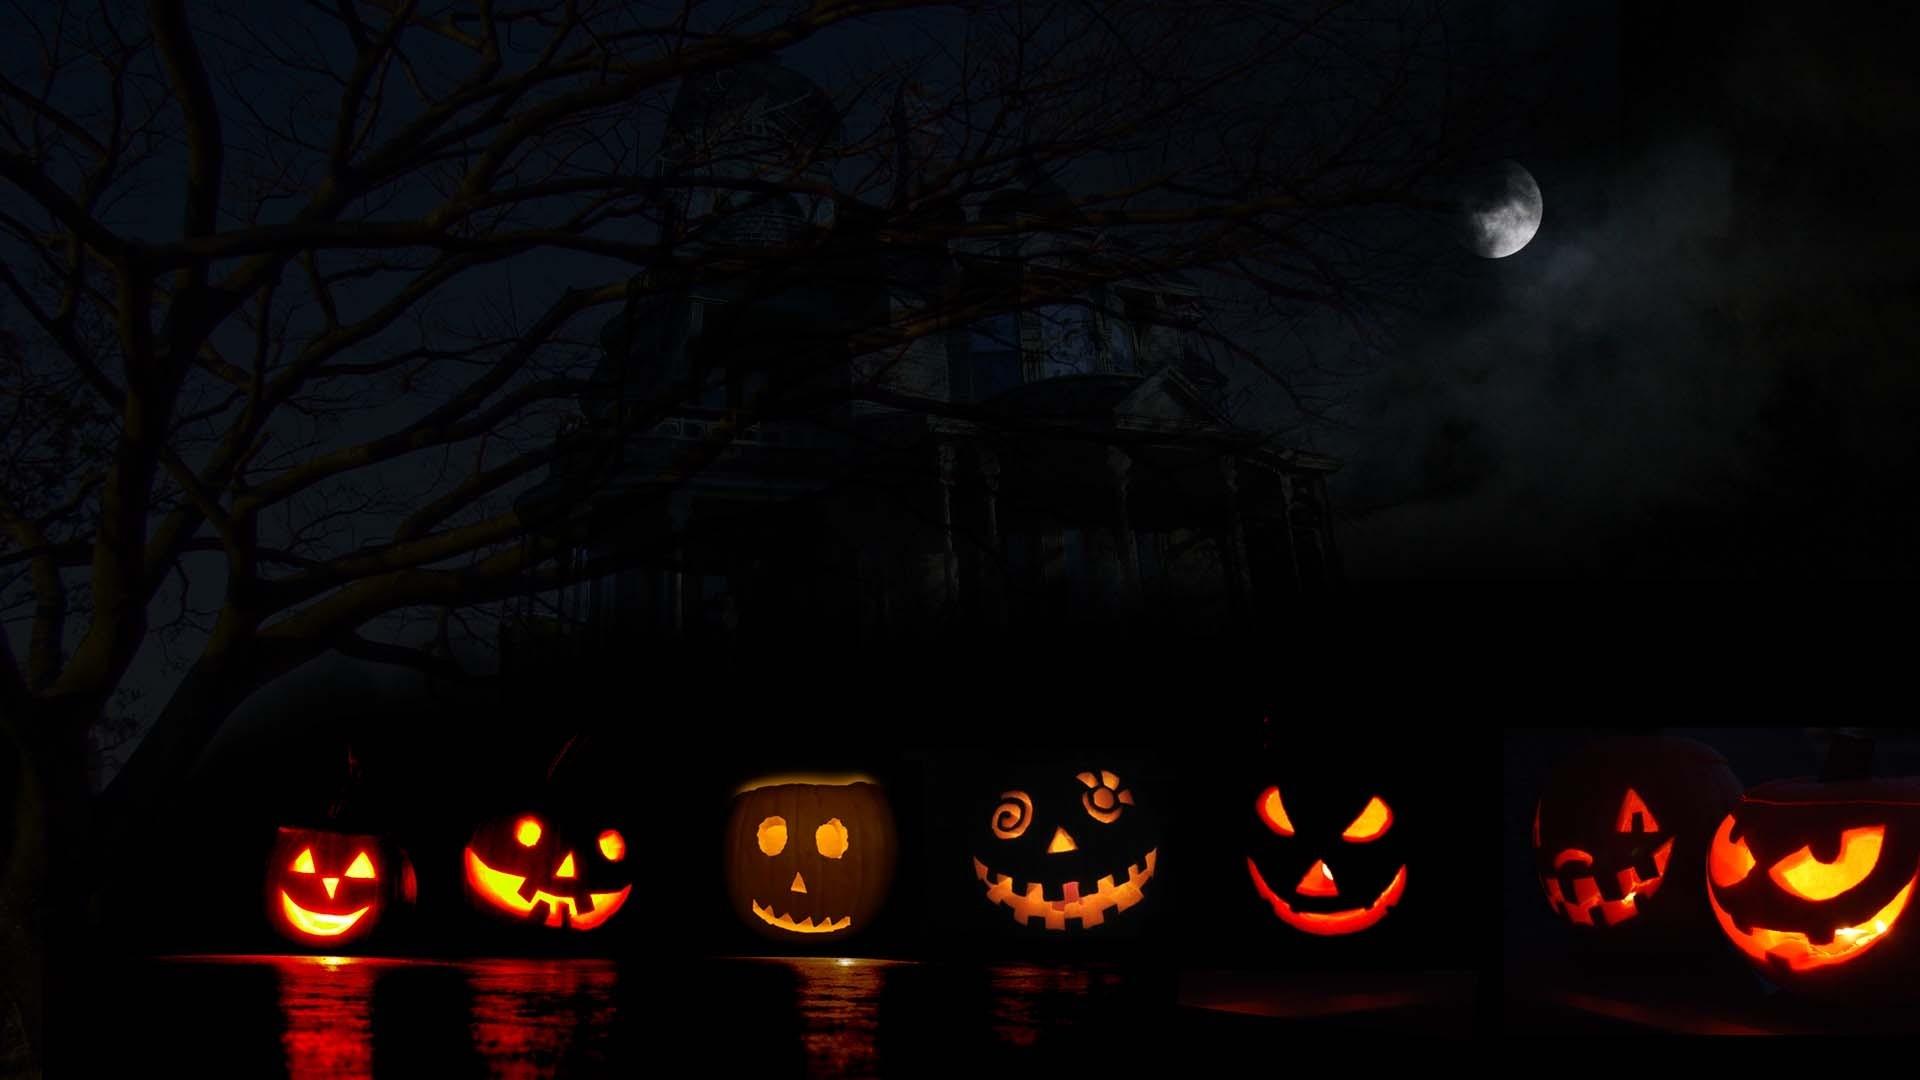 Halloween Desktop Backgrounds (03)